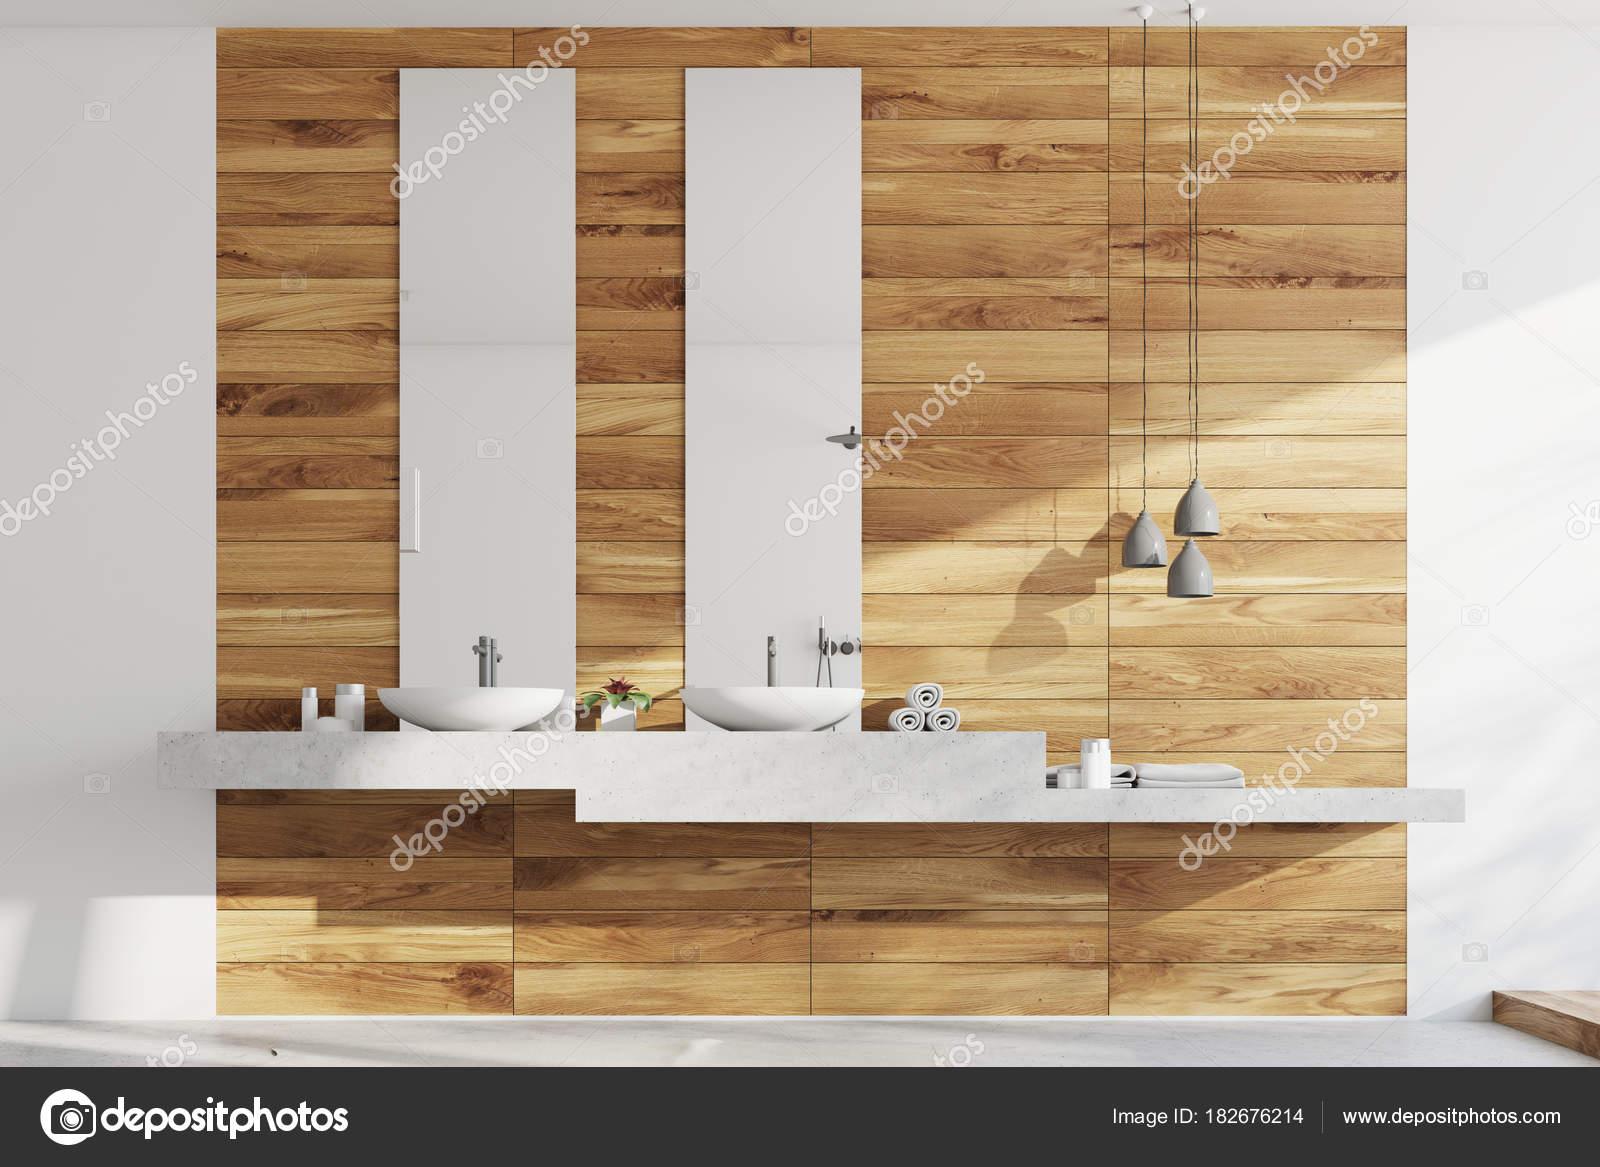 Houten Plank Badkamer : Wastafel plank hout badkamer plank voor wastafel mooi houten